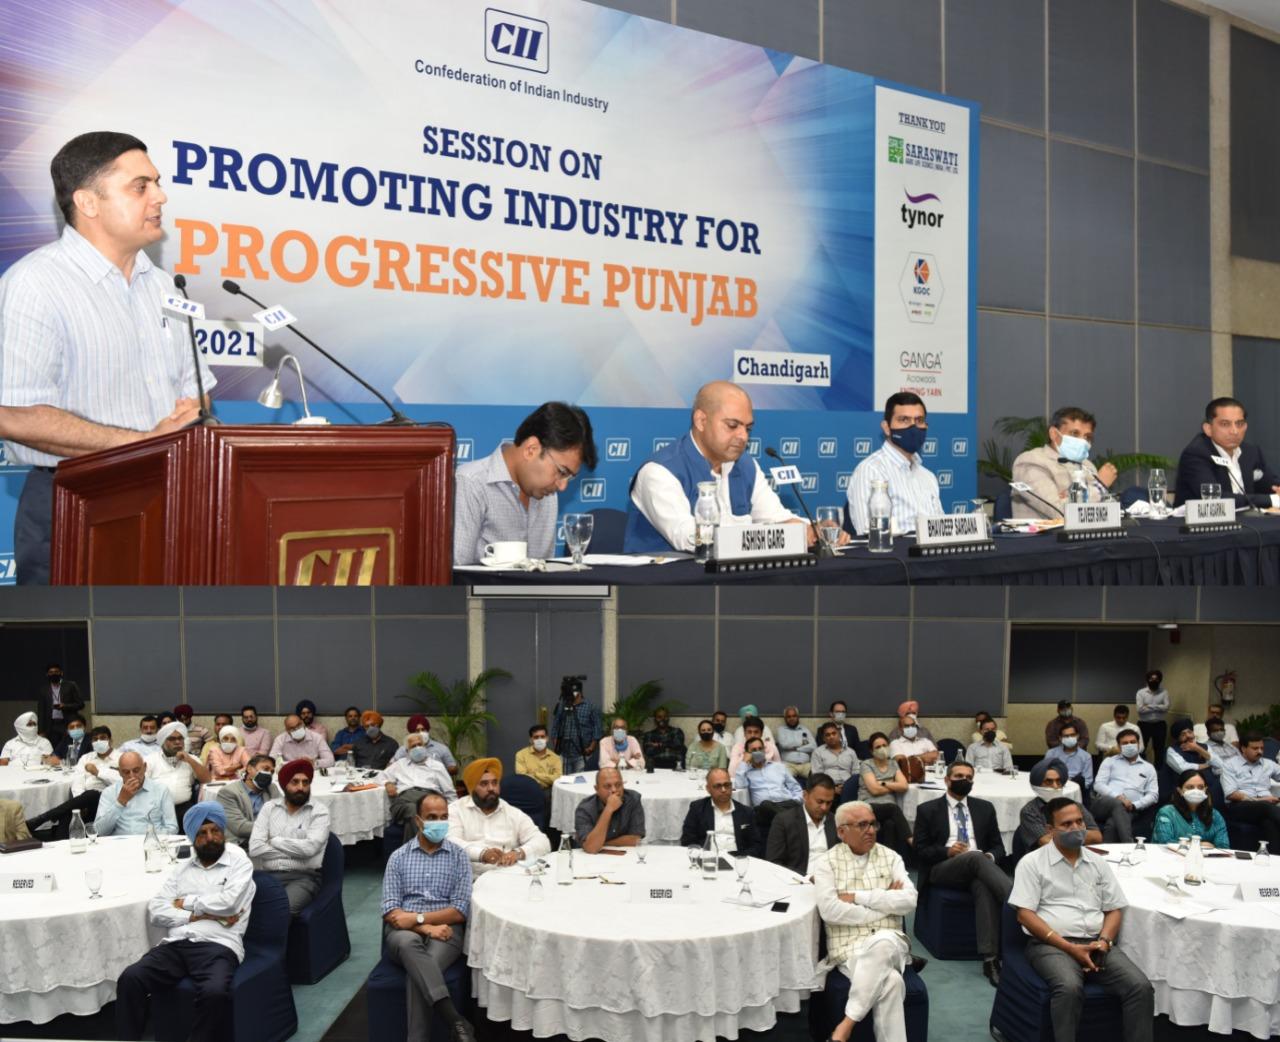 पंजाब में पिछले साढ़े चार सालों के दौरान 99,000 करोड़ रुपए से अधिक का हुआ निवेश - सीईओ निवेश पंजाब